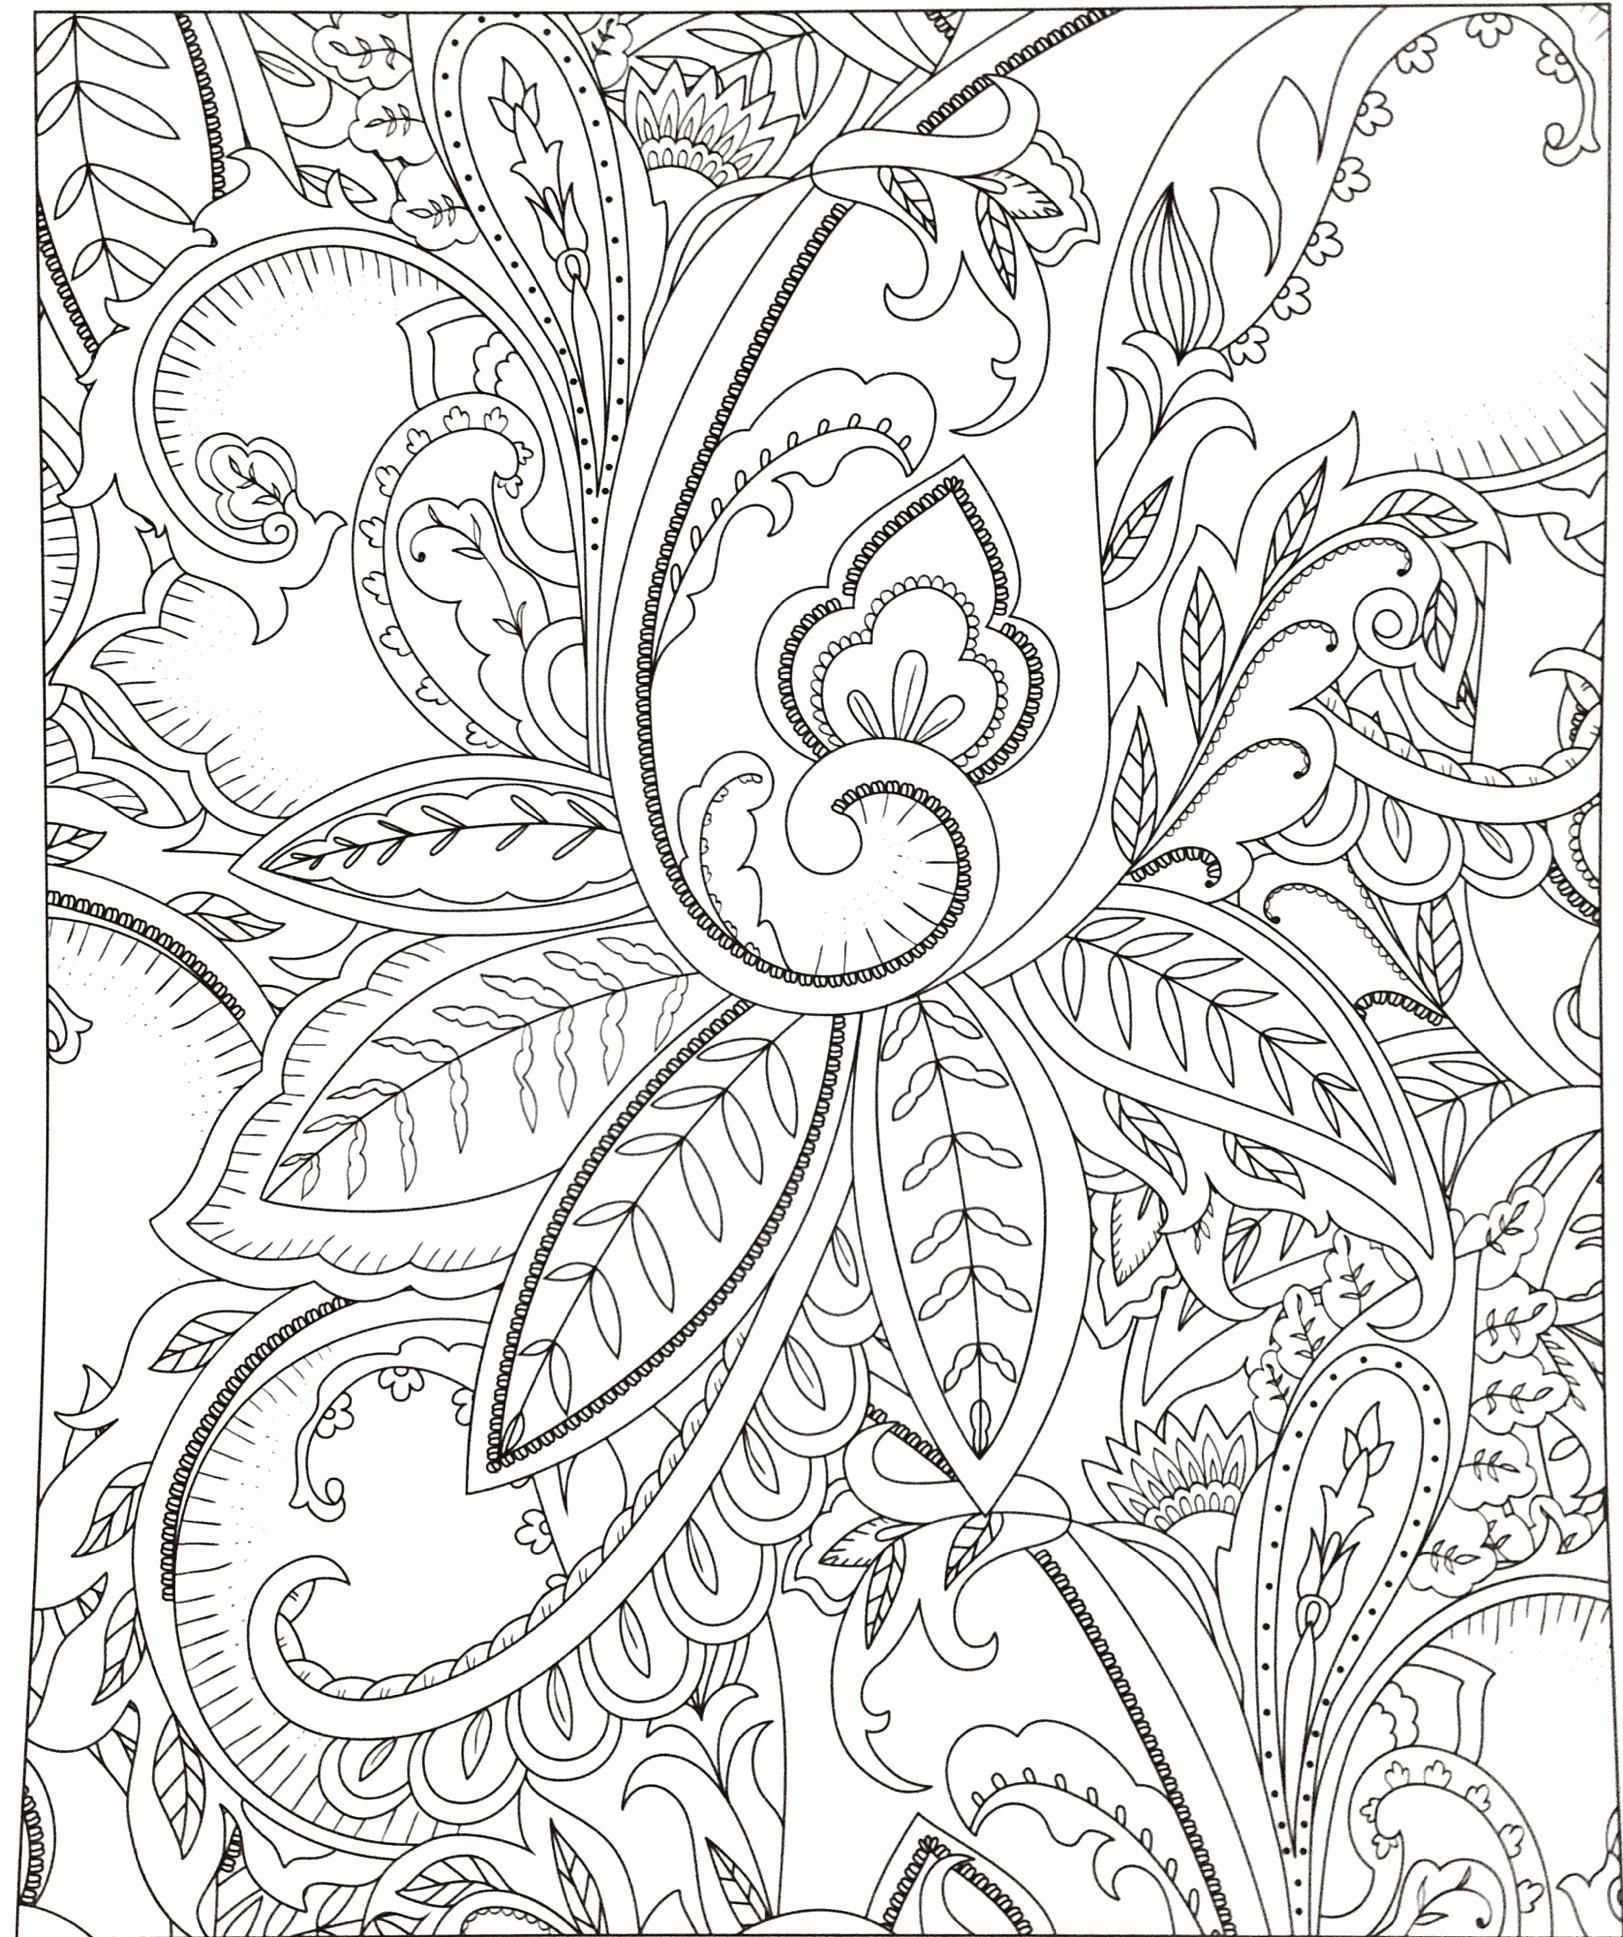 Ausmalbilder Weihnachten Mandala Genial Ausmalbilder Weihnachten Mandala Inspirierend 25 Gut Aussehend Das Bild